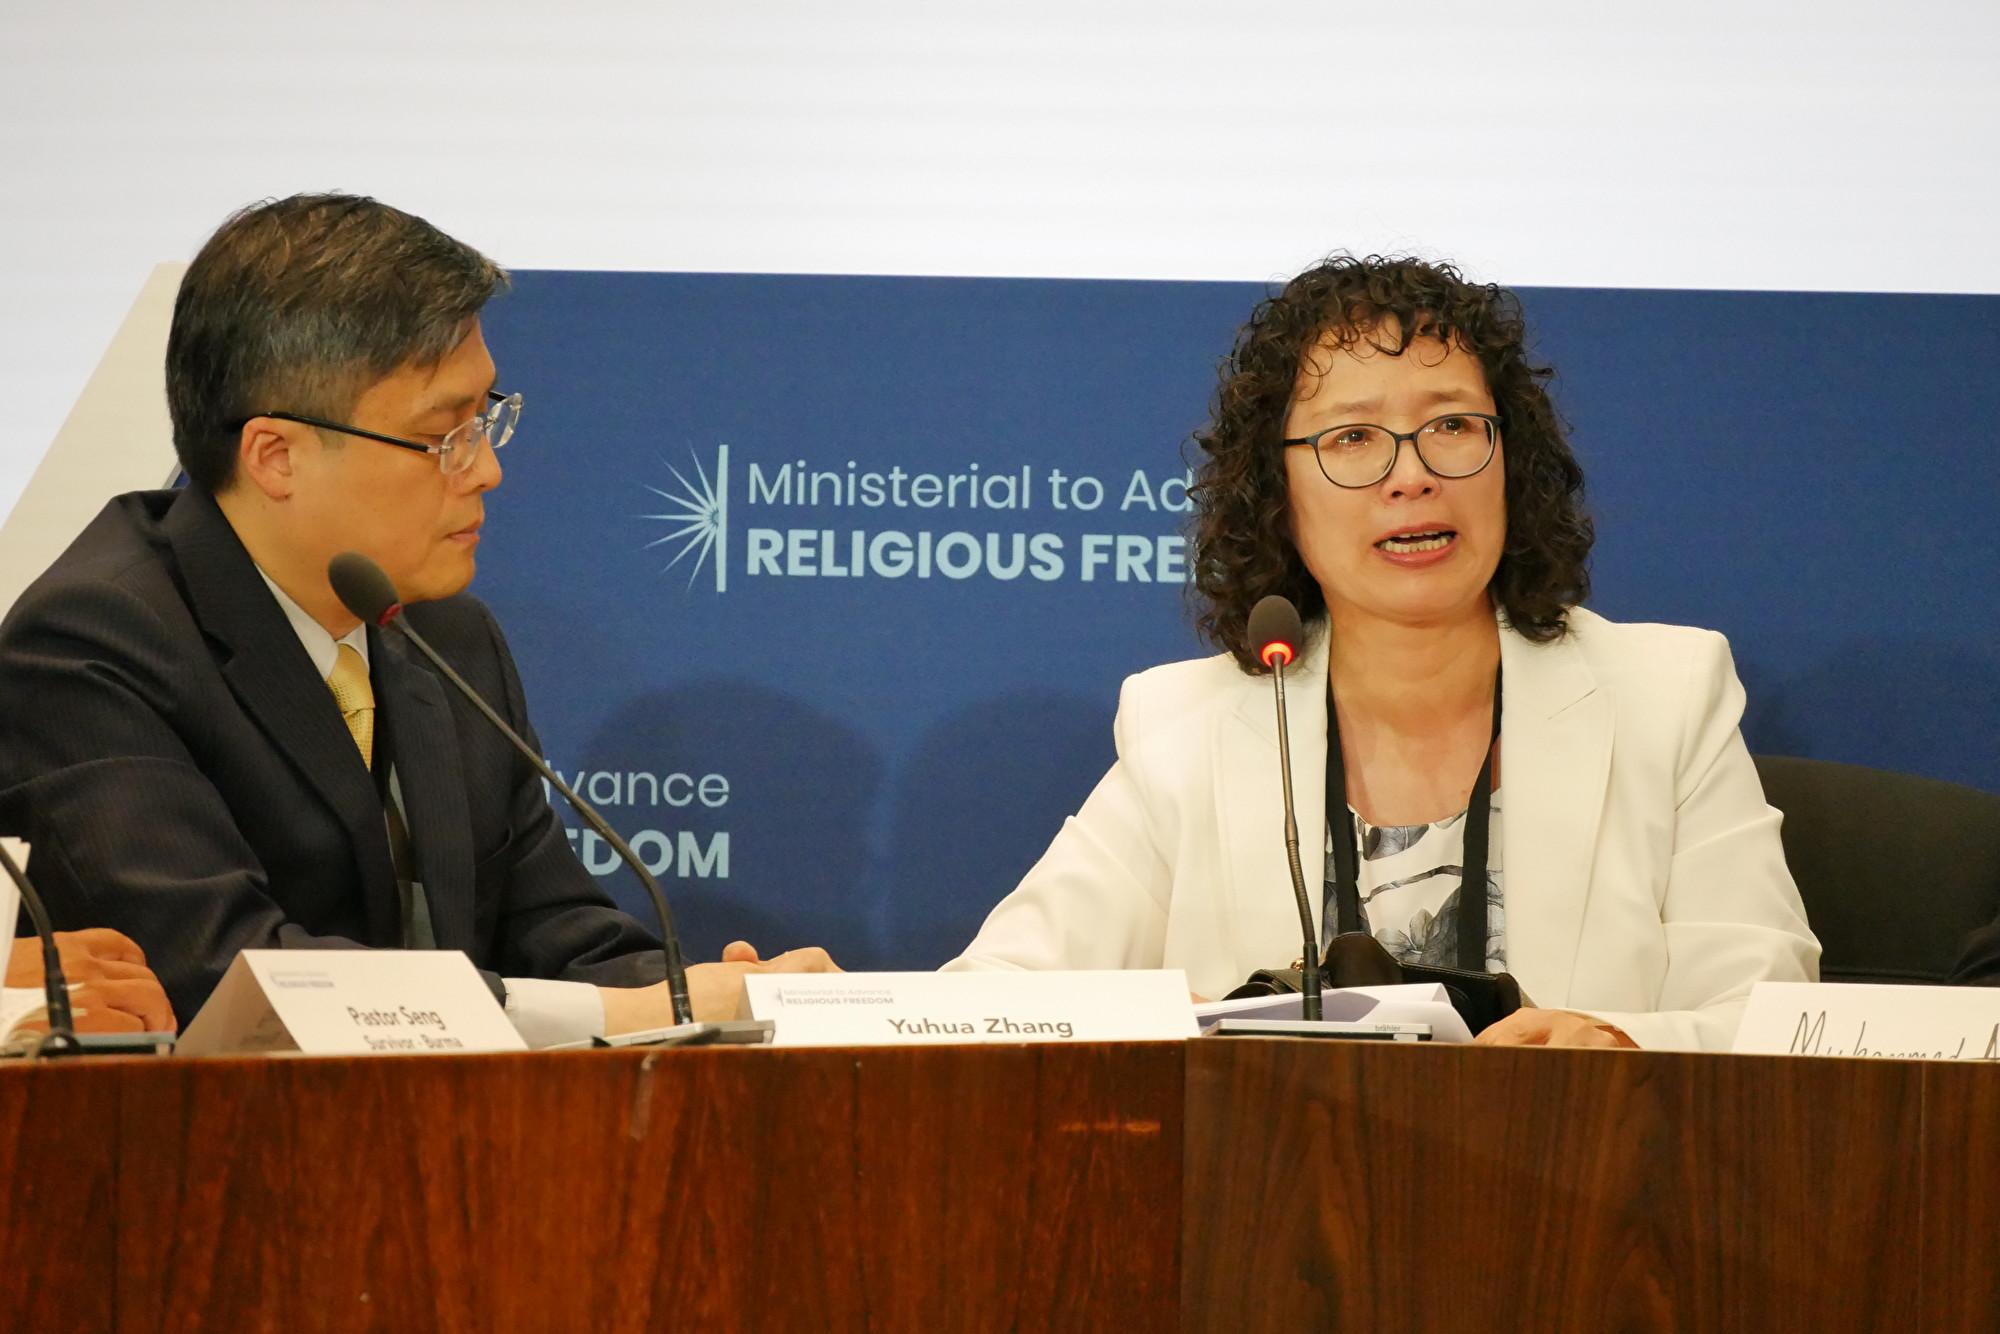 7月17日,原中國南京師範大學俄語系教授、法輪功學員張玉華,受邀在美國國務院舉行的「推進宗教自由部長級會議」的分組會上發言。(李辰/大紀元)